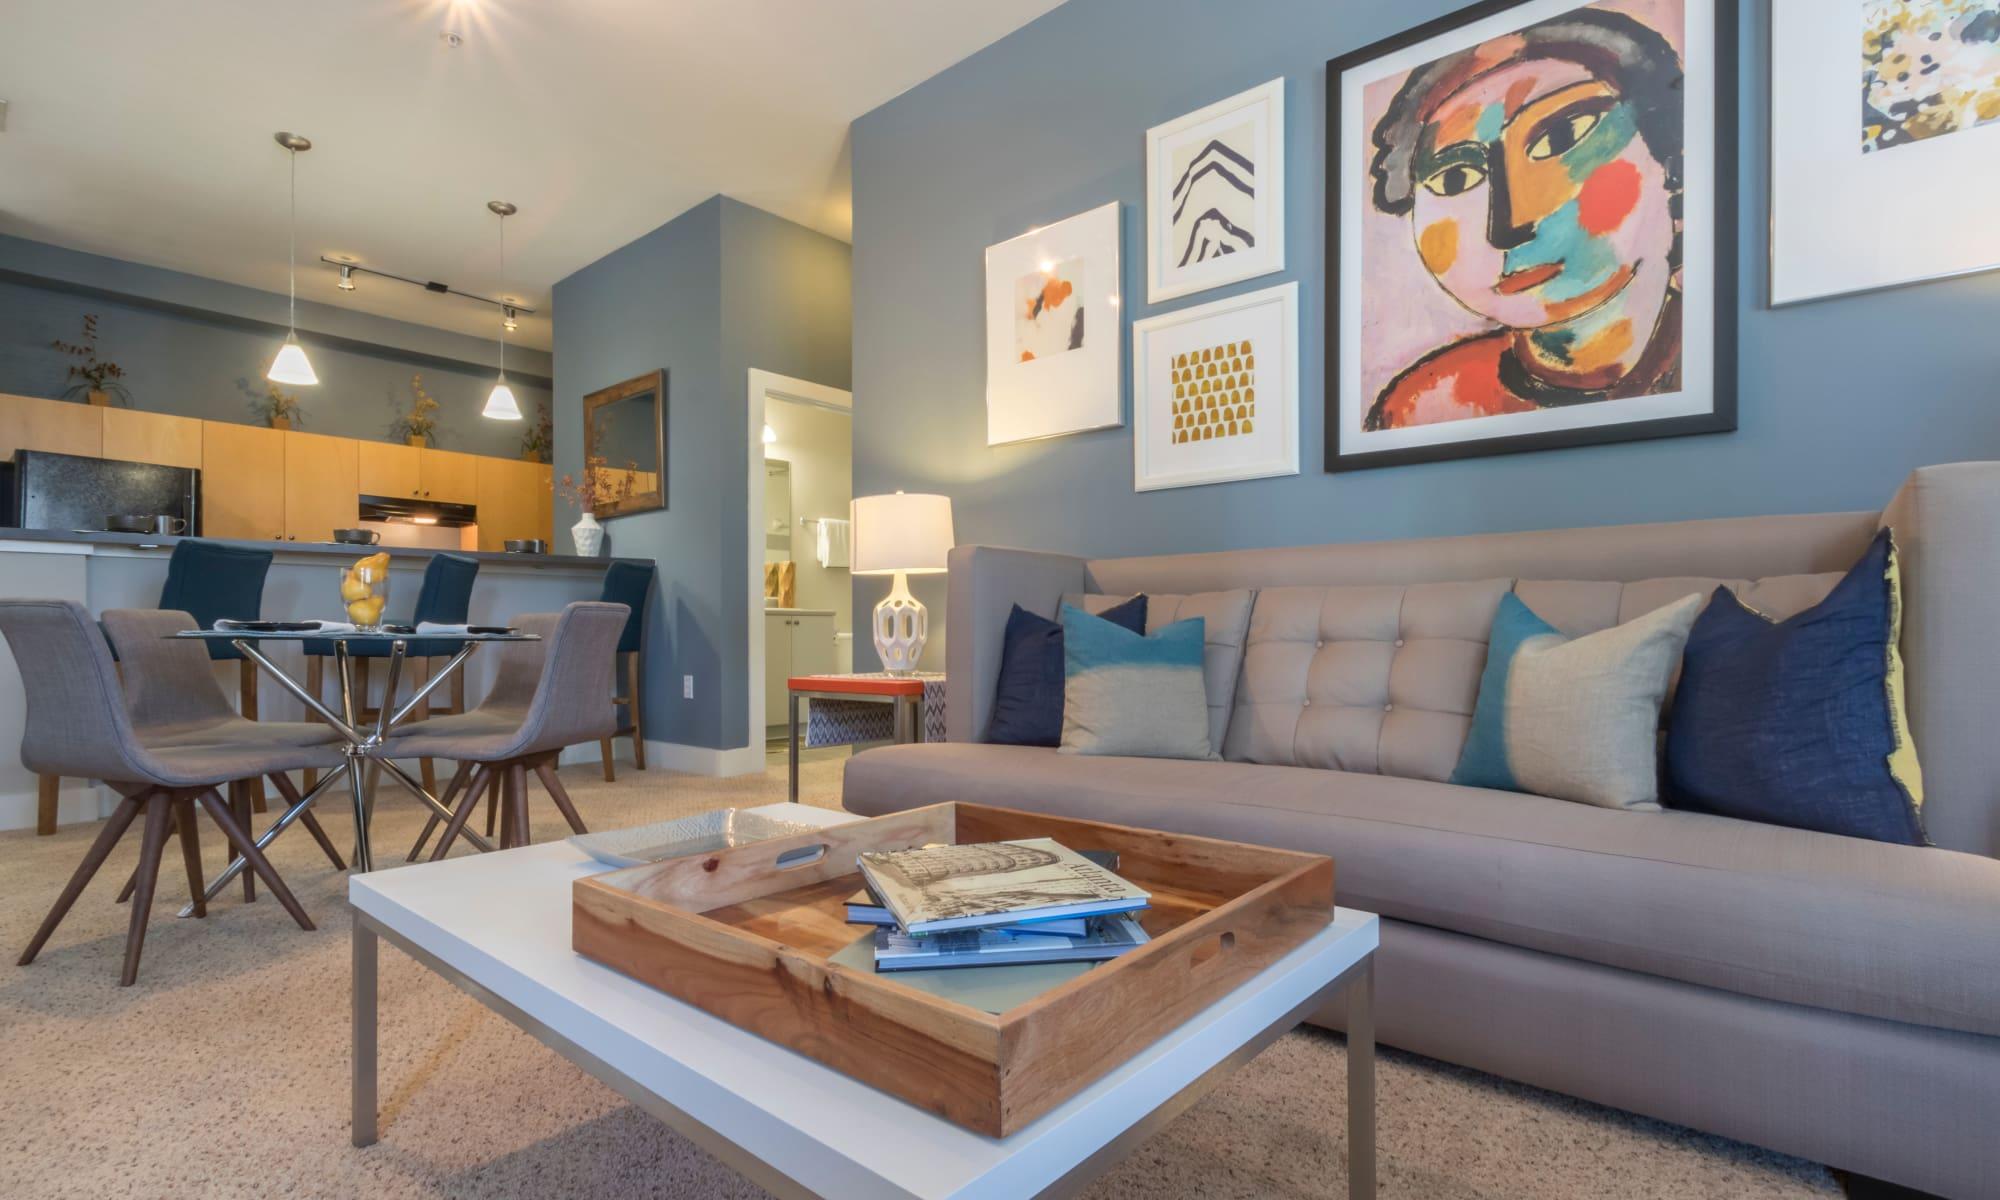 Apartments at M Street in Atlanta, Georgia